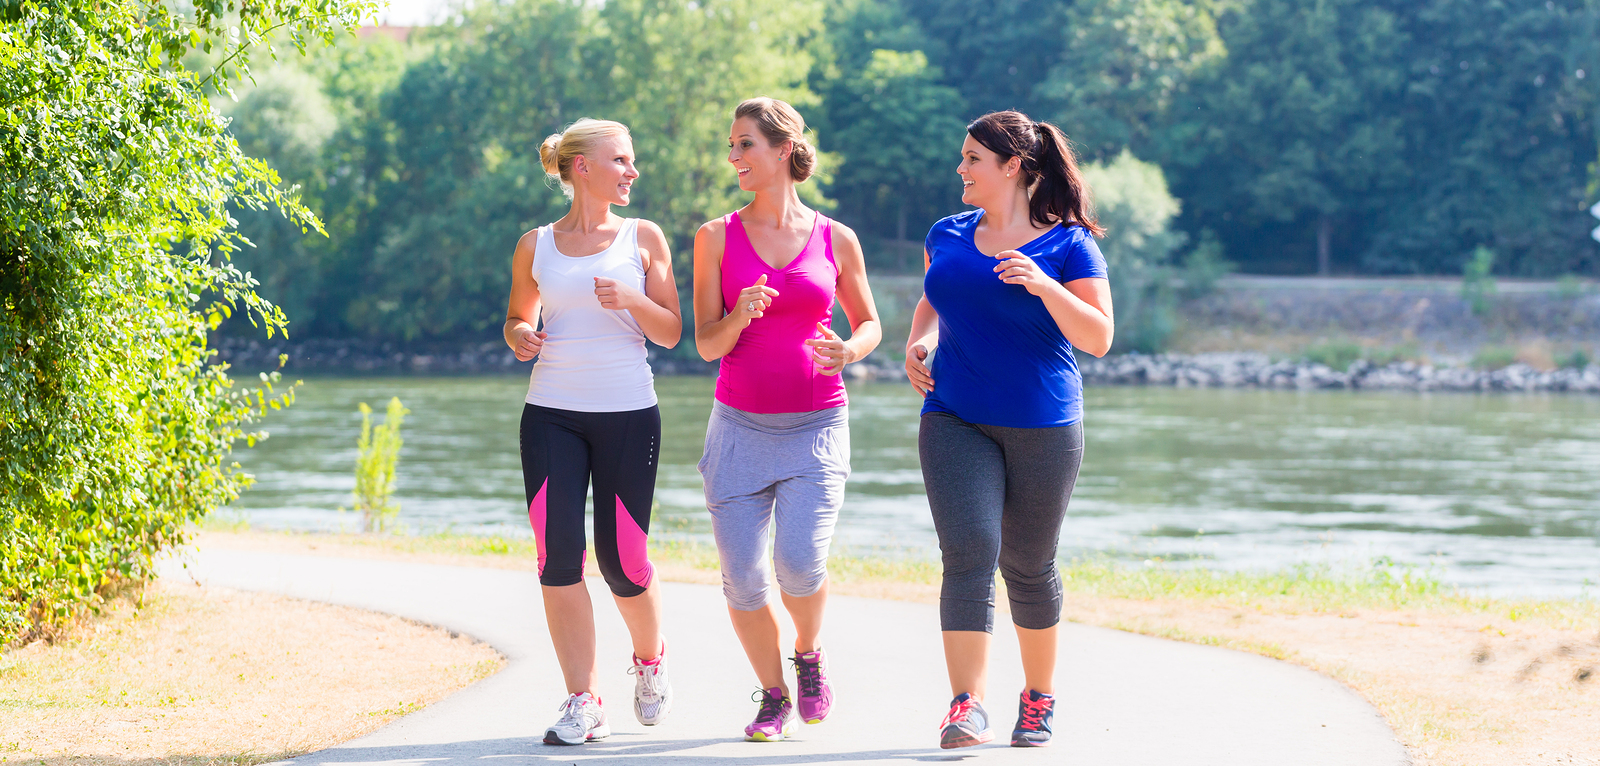 bieganie dla początkujących plan treningowy